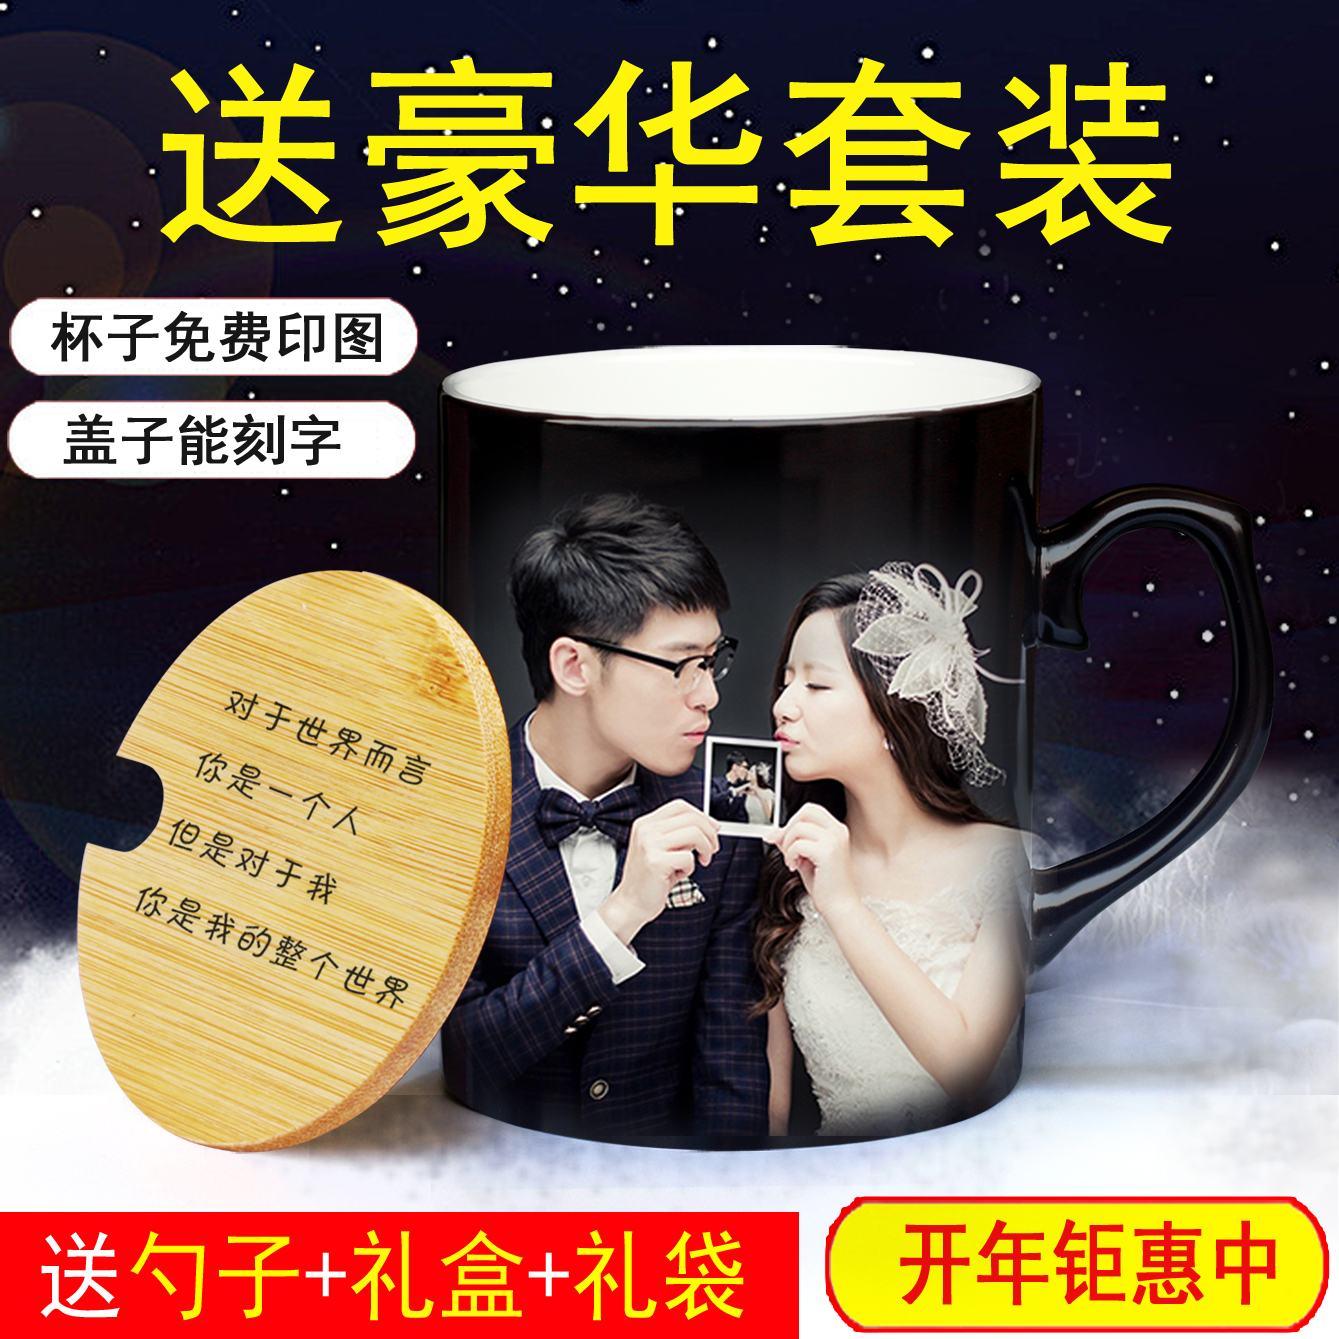 Стандарт может печатные фото керамика обесцвечивать марк чашки сын надпись крышка diy творческий любители день рождения подарок